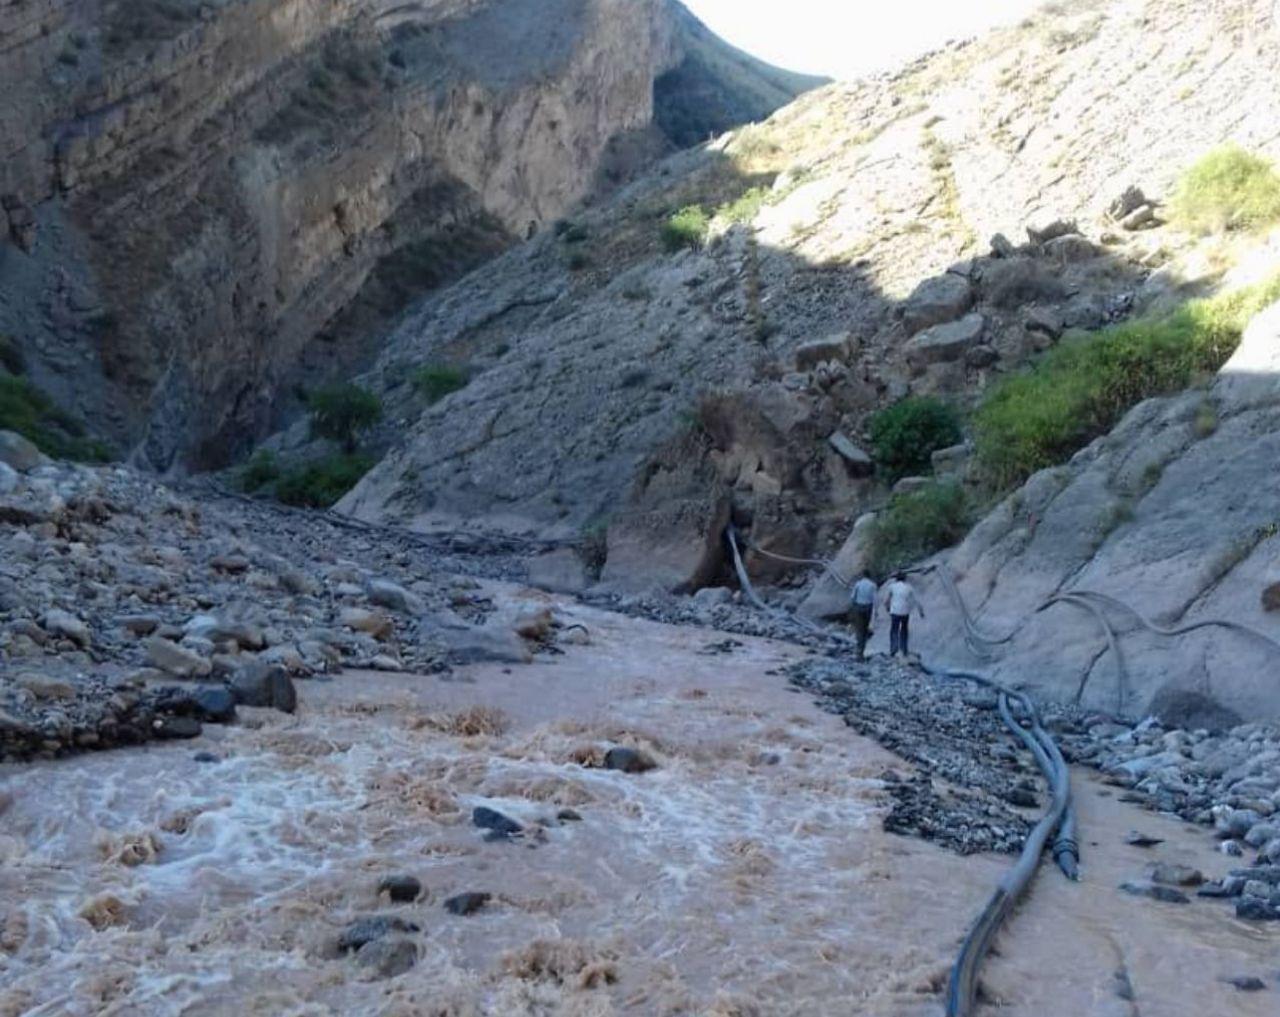 سیل مسیر ارتباطی چند روستا در بخش گرگانرود تالش راتخریب کرد